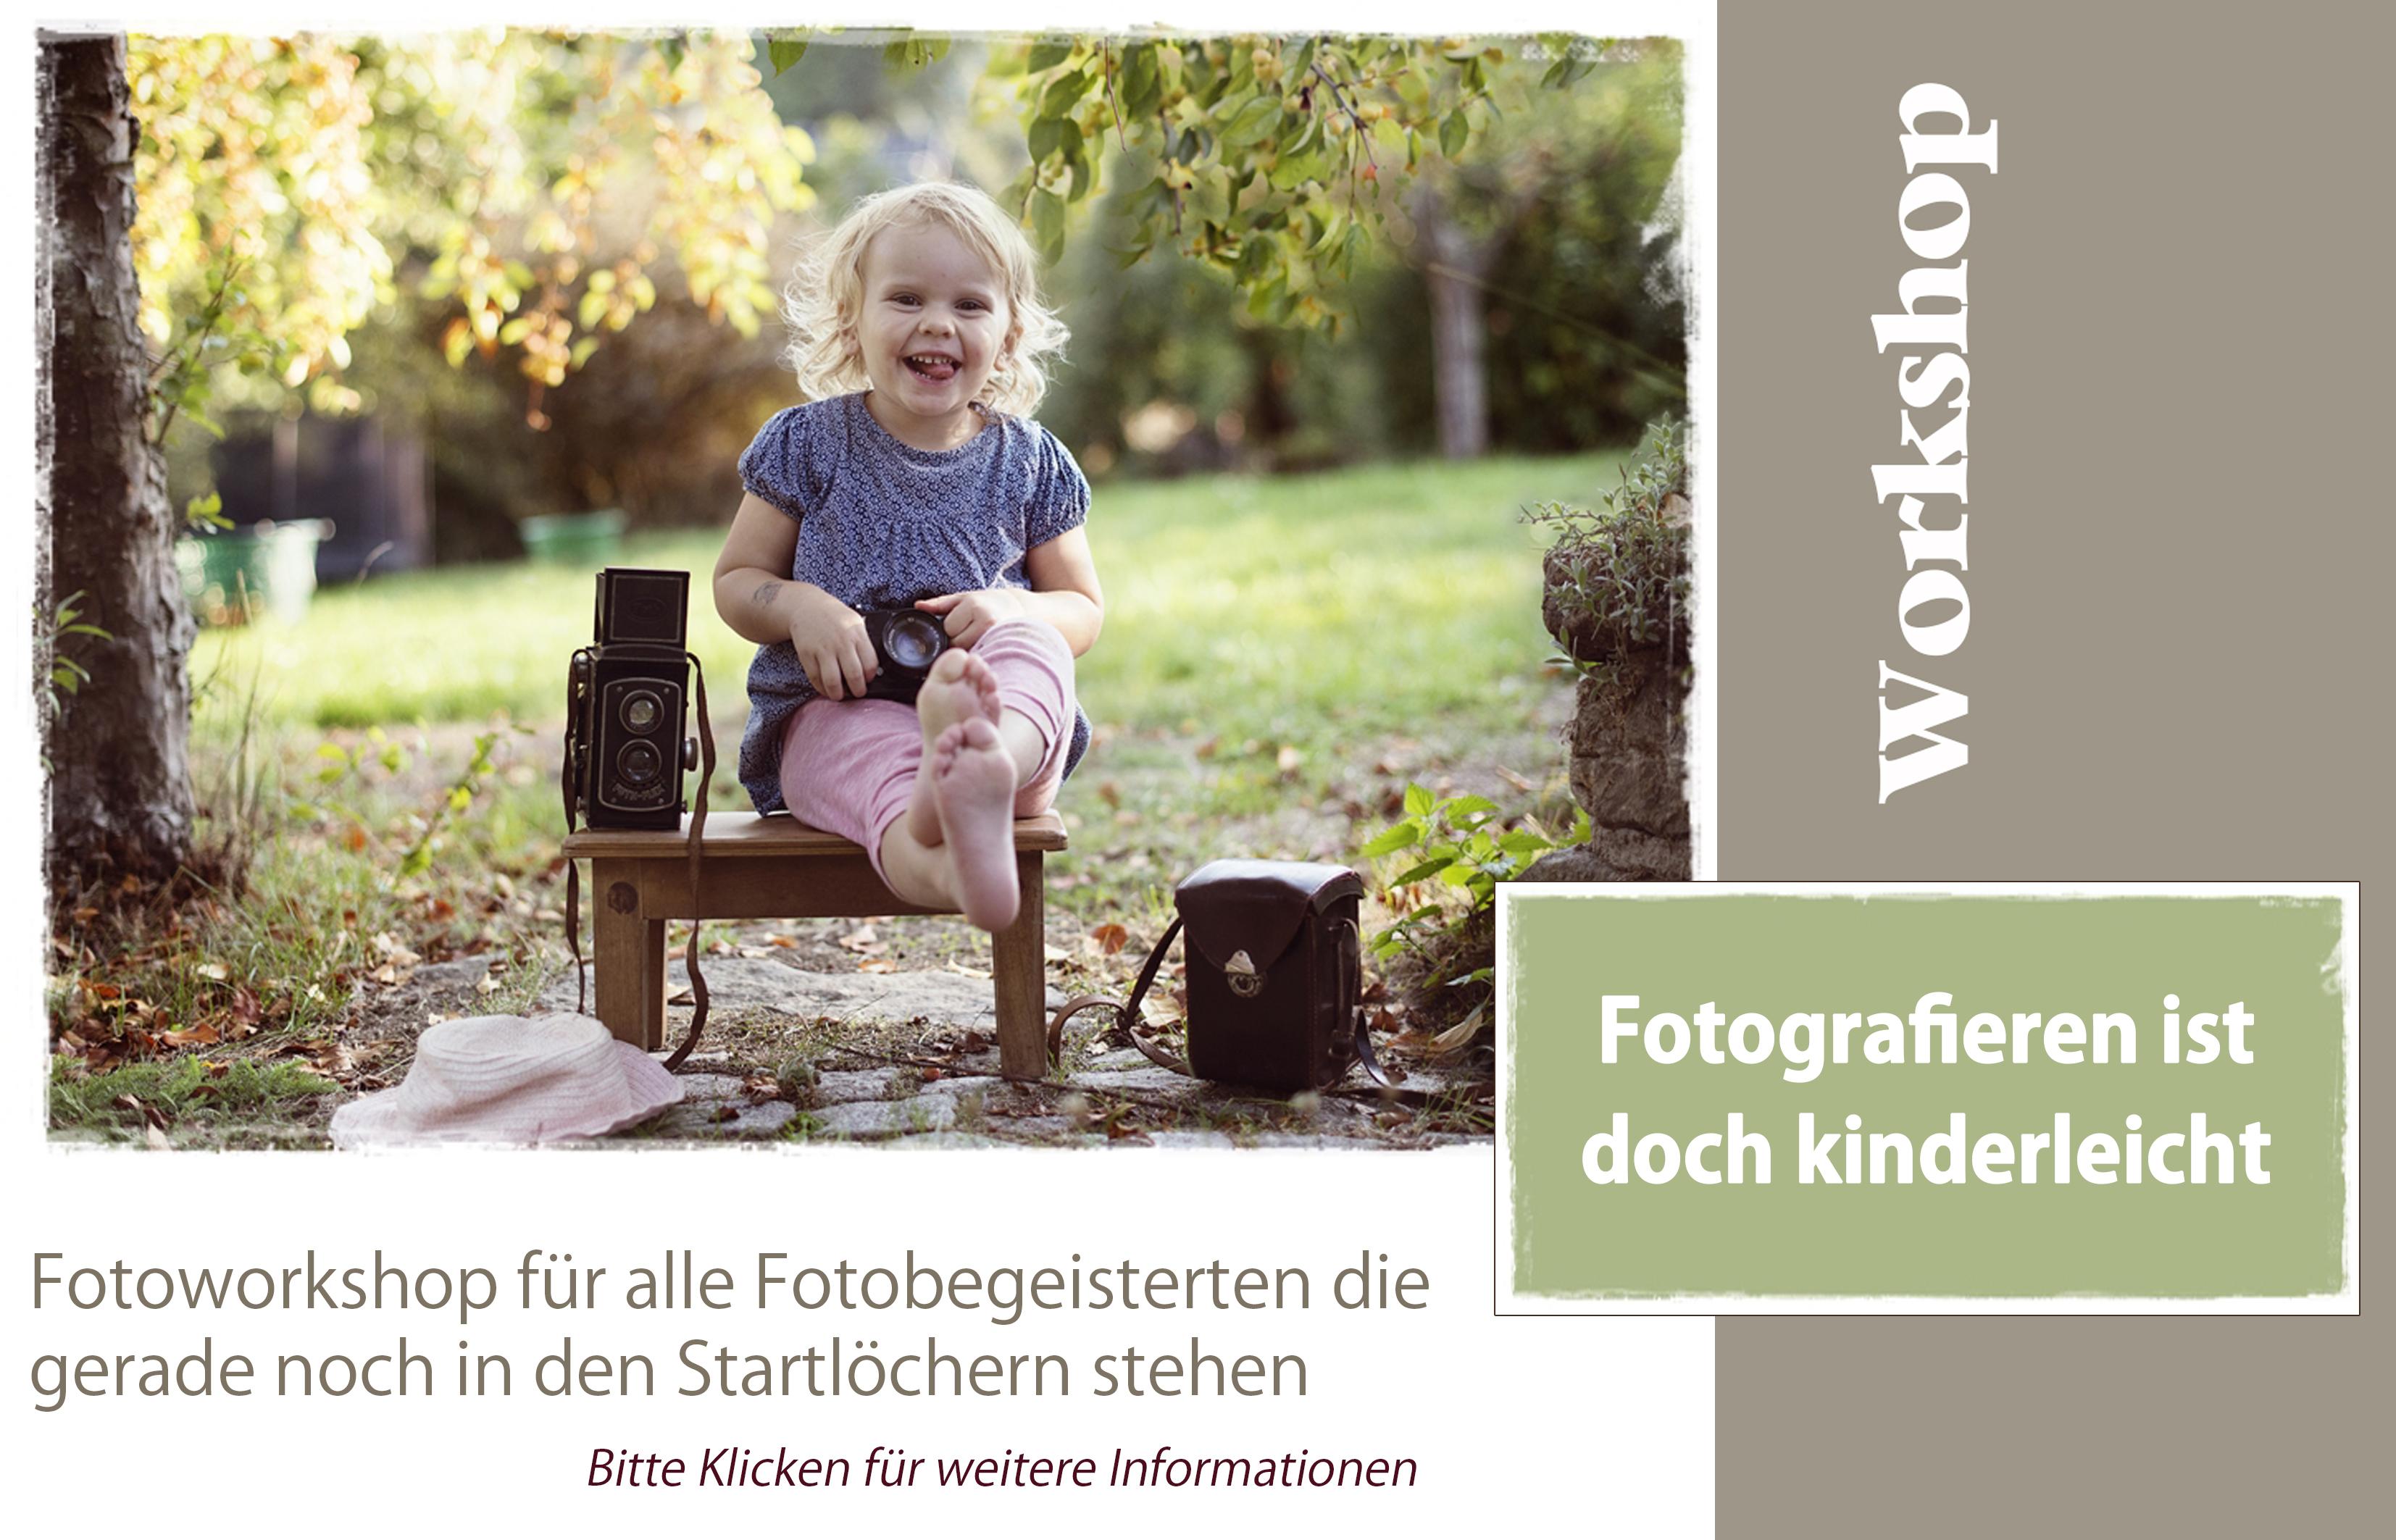 FotoworkshopNEU2019